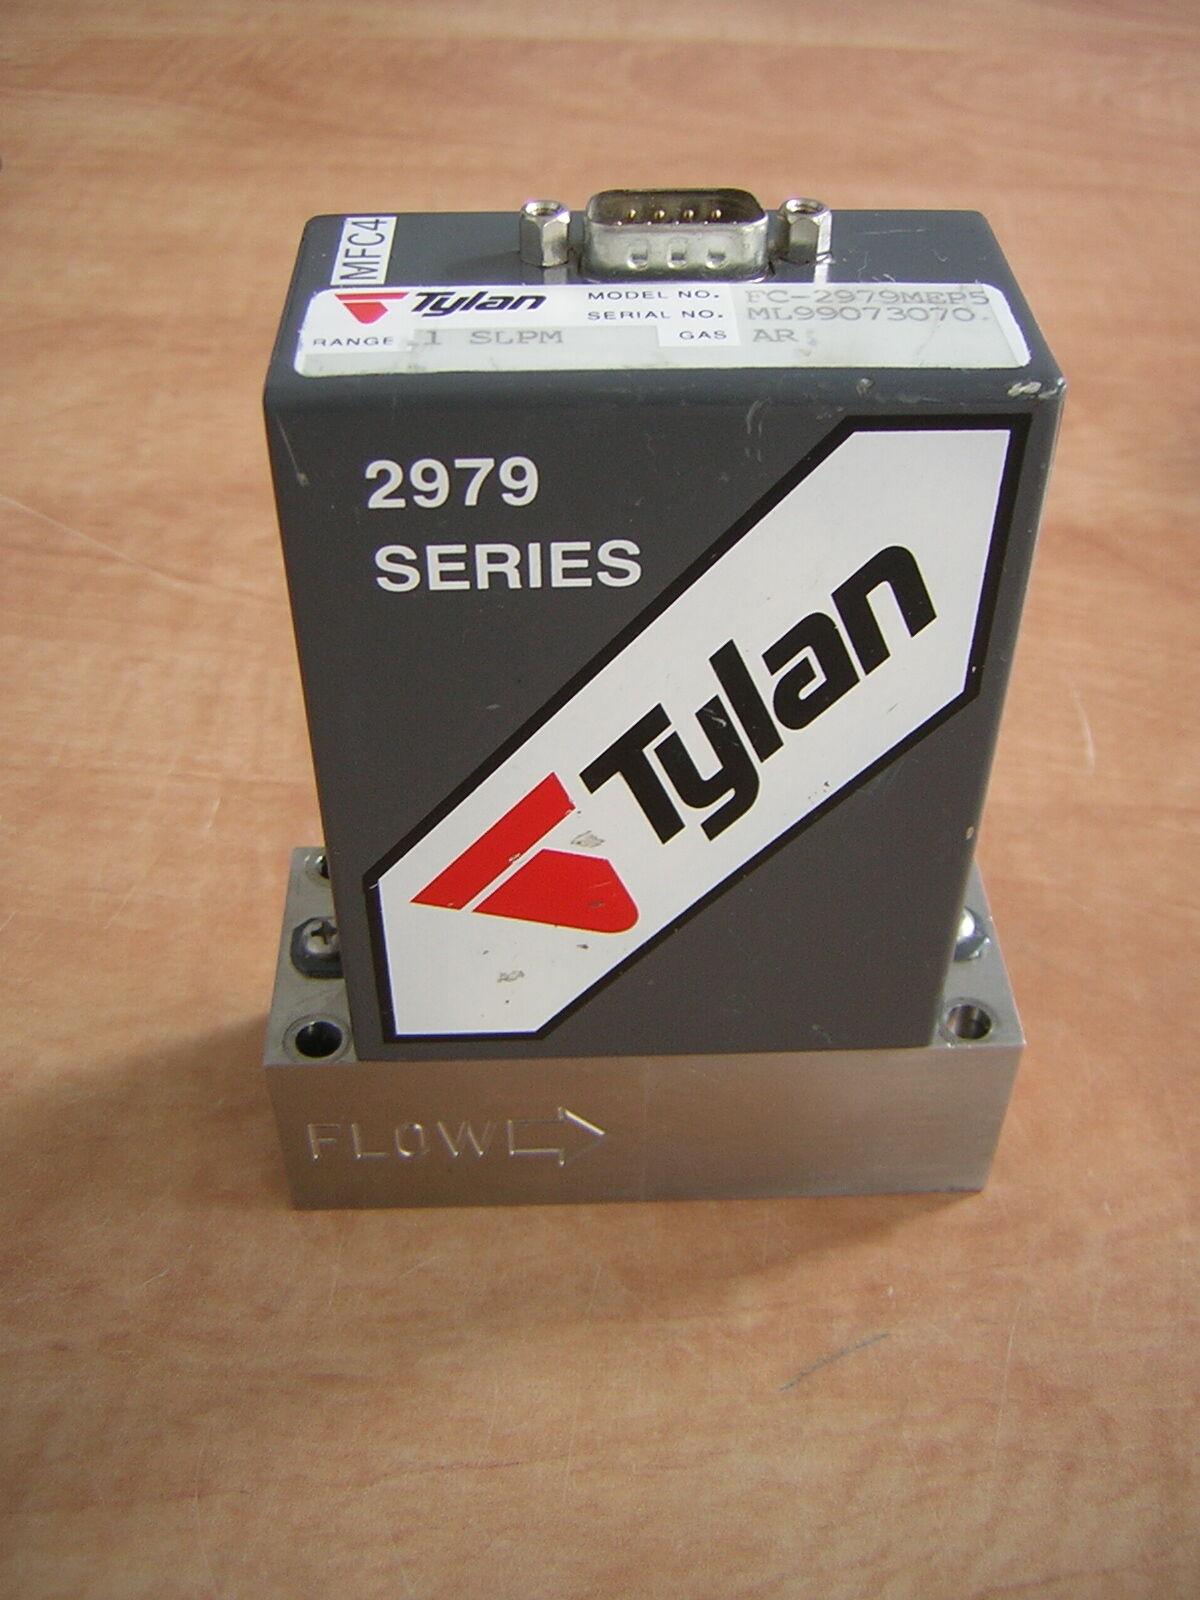 TYLAN 2979 Mass Flow Controller FC-2979MEP5 1 slpm